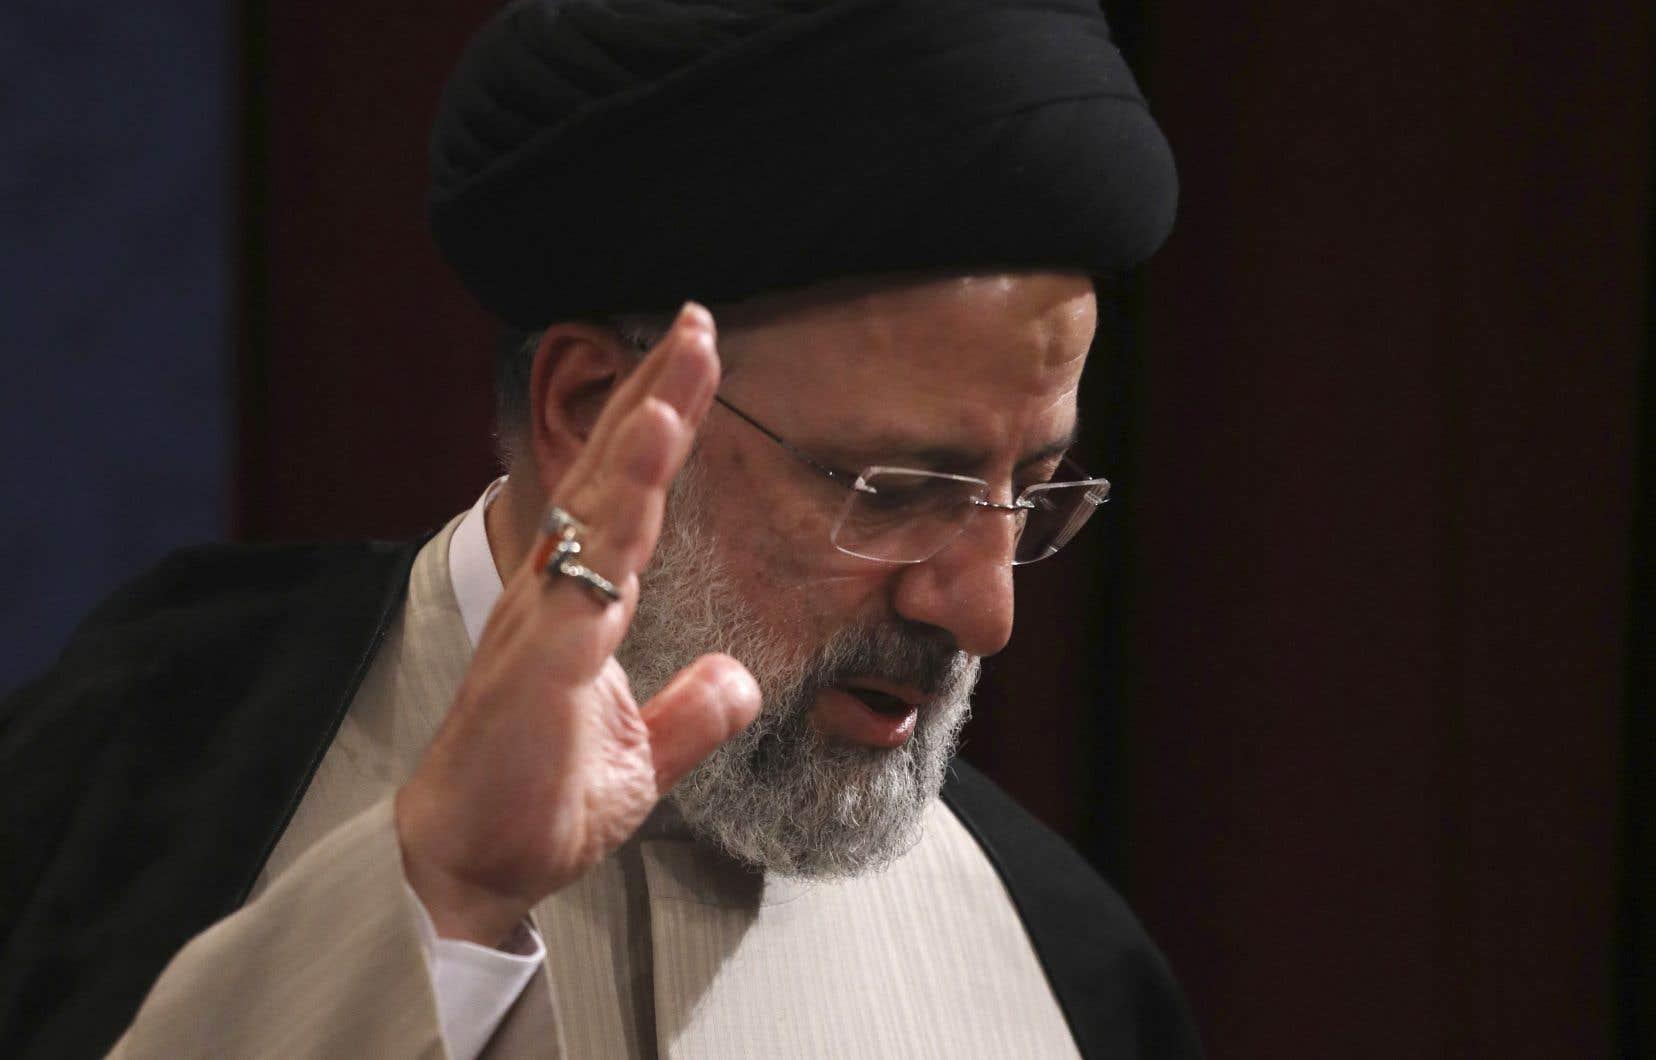 Ebrahim Raïssi lors d'une conférence de presse le 21 juin dernier, à Téhéran. Le choix d'Ali Khamenei d'imposer son favori lors des récentes élections,  caractérisées par leur manque de légitimité,  vise précisément à resserrer l'étau autour d'une société iranienne  en ébullition.